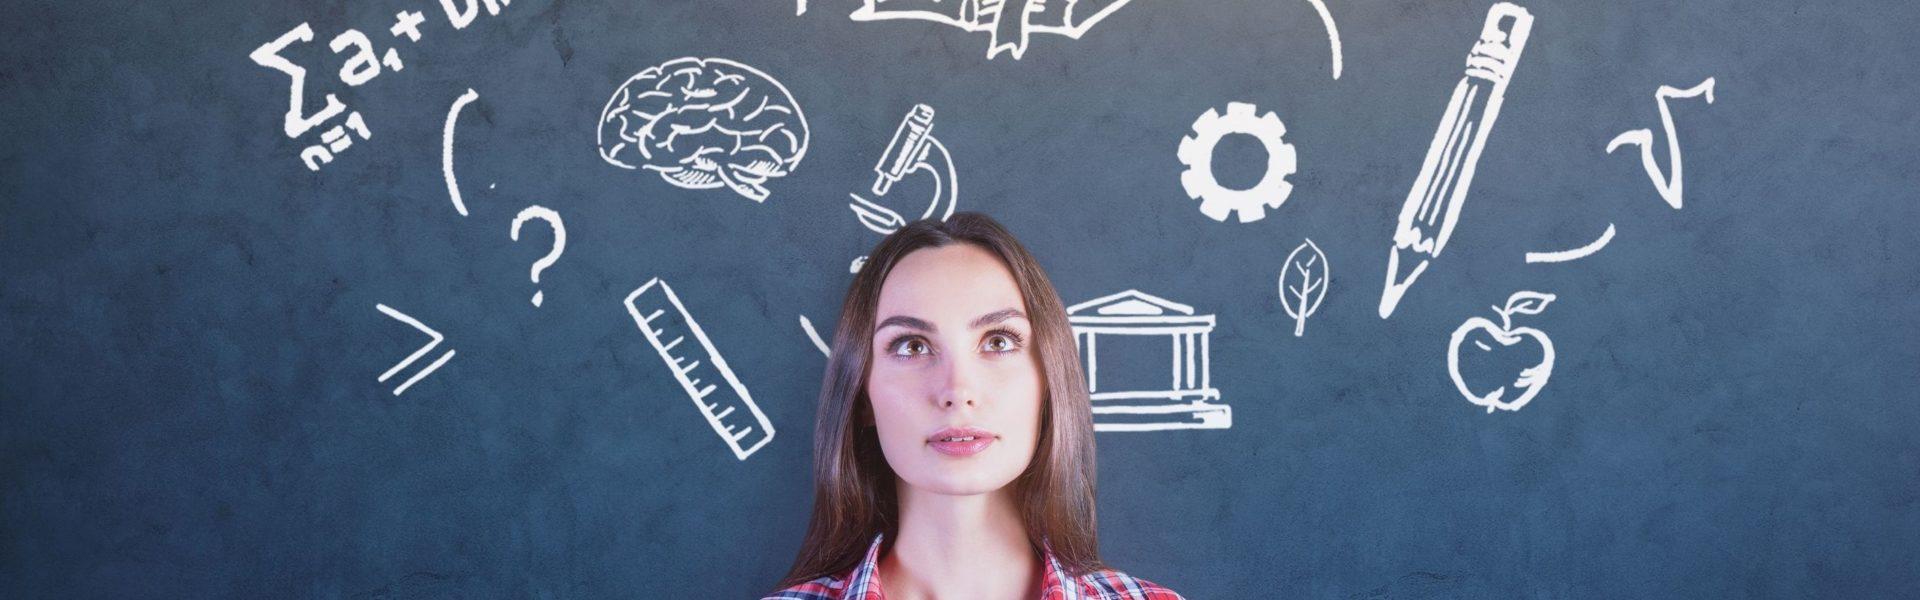 Online-Seminar: Faktor Wissen in der Nachfolge